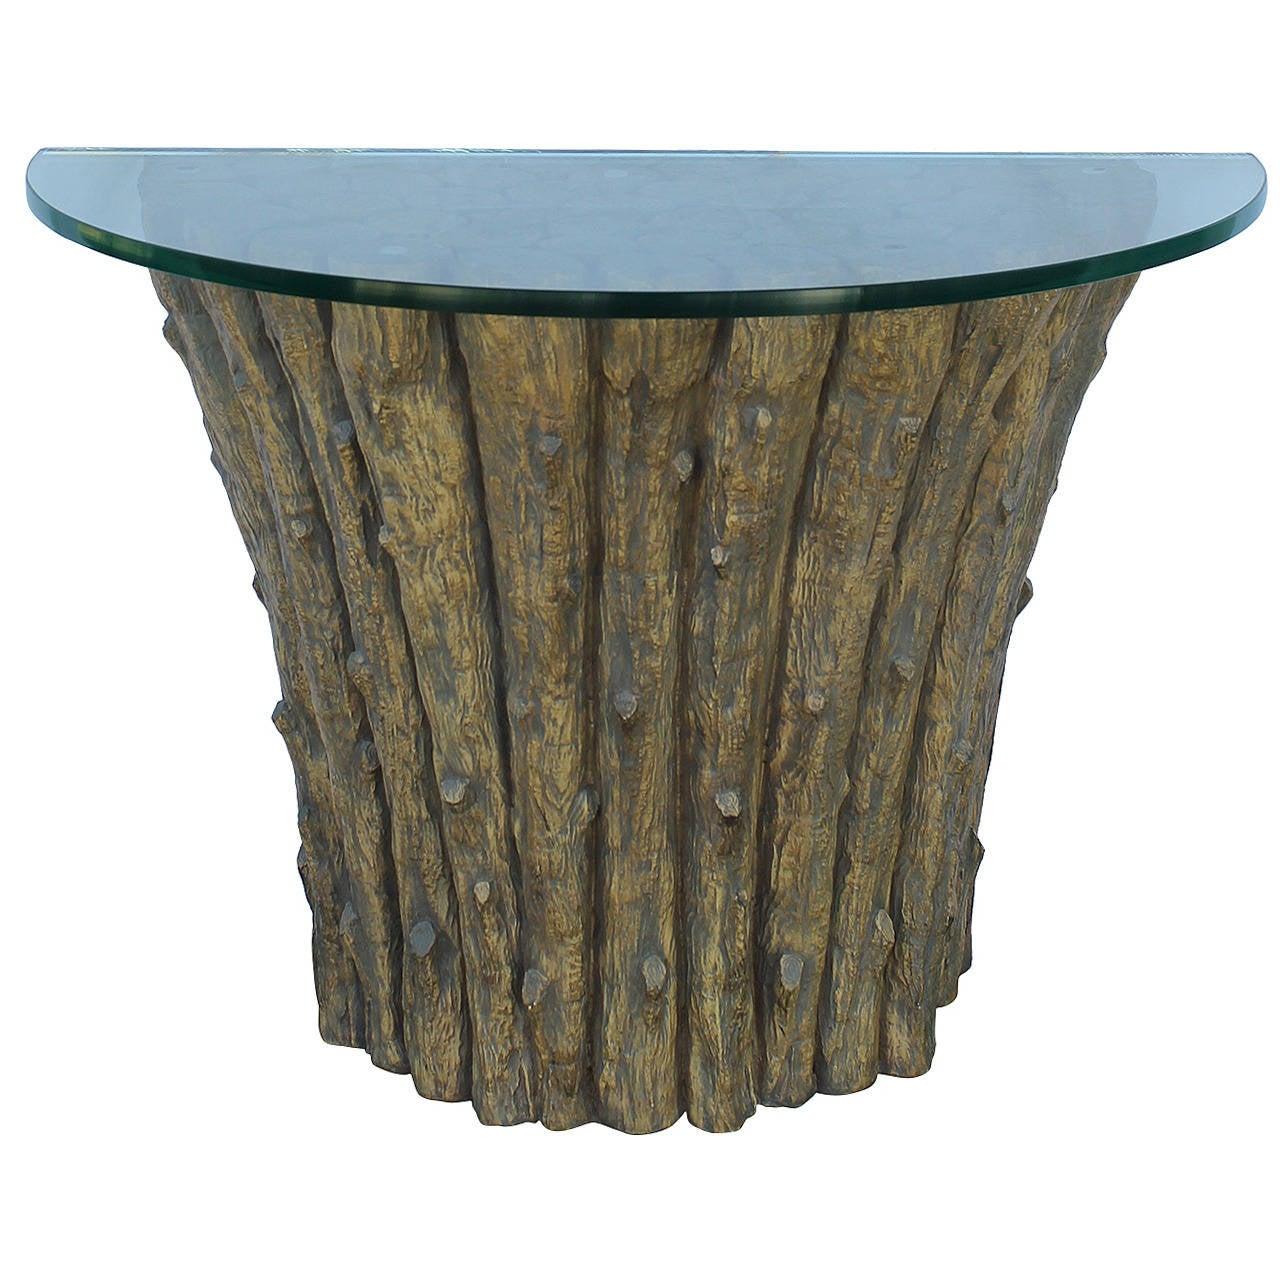 Concrete Faux Bois Demilune Console Table at 1stdibs